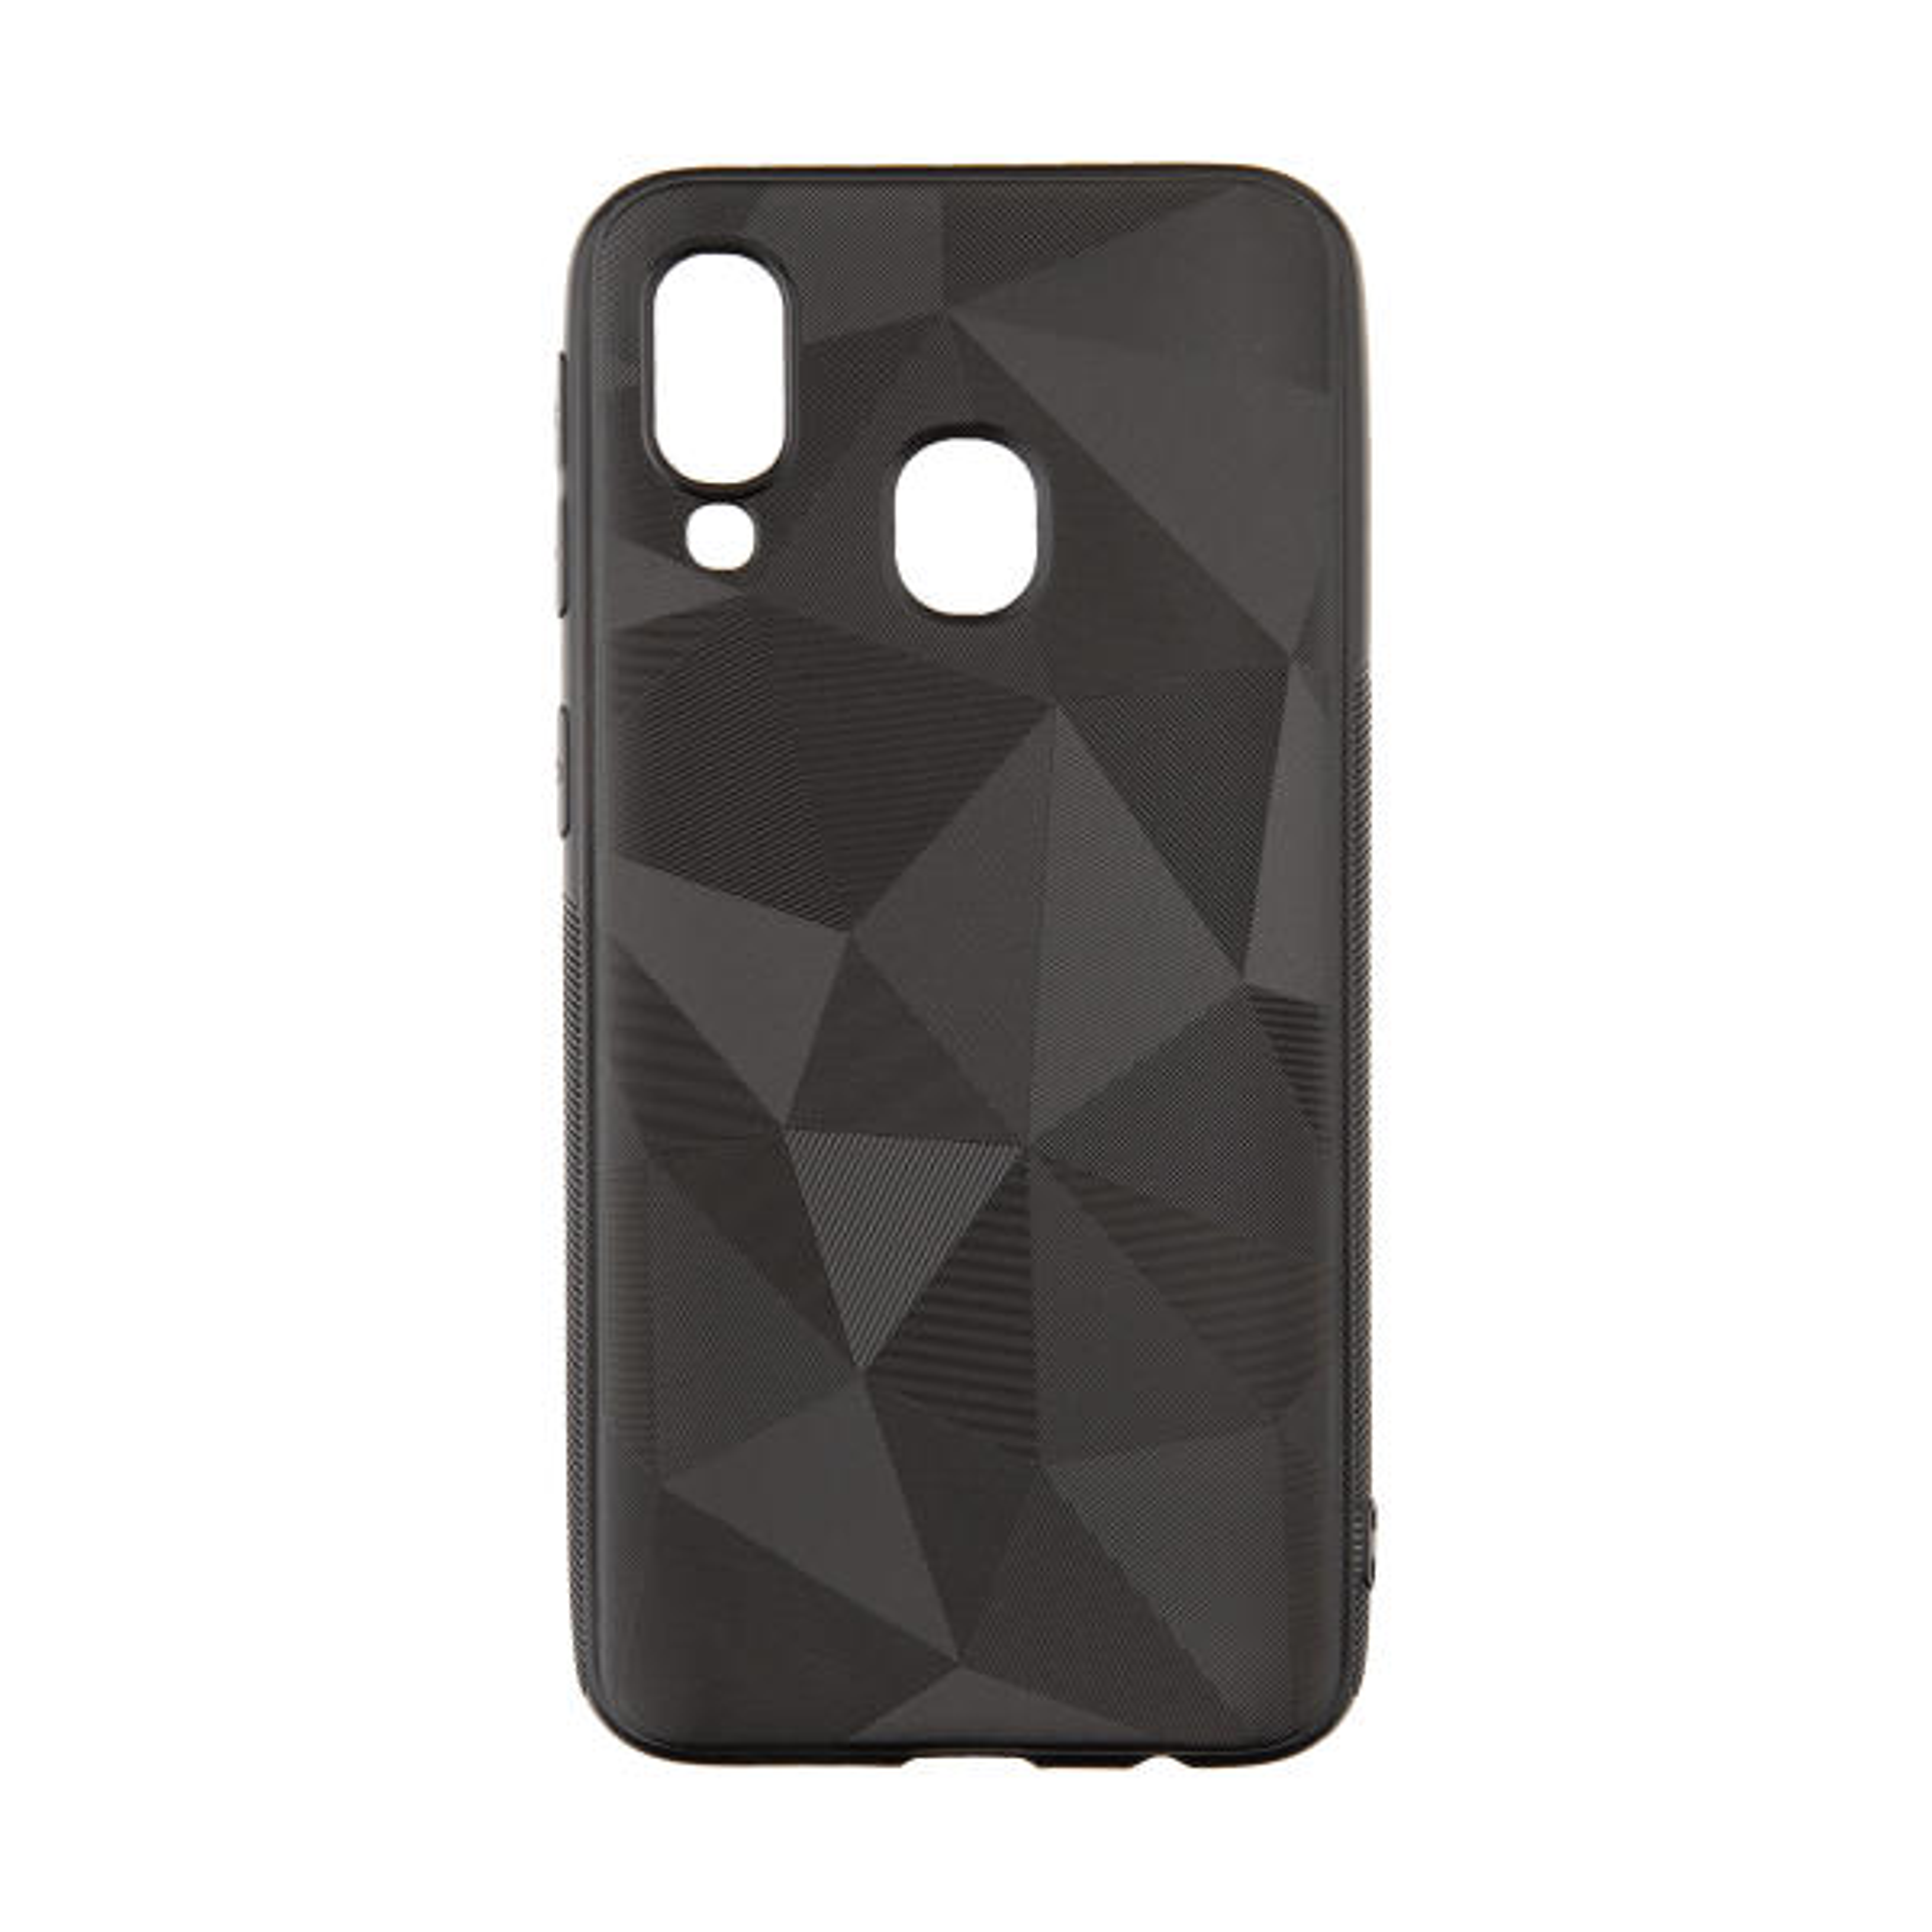 کاور مدل brill2 مناسب برای گوشی موبایل سامسونگ Galaxy A40